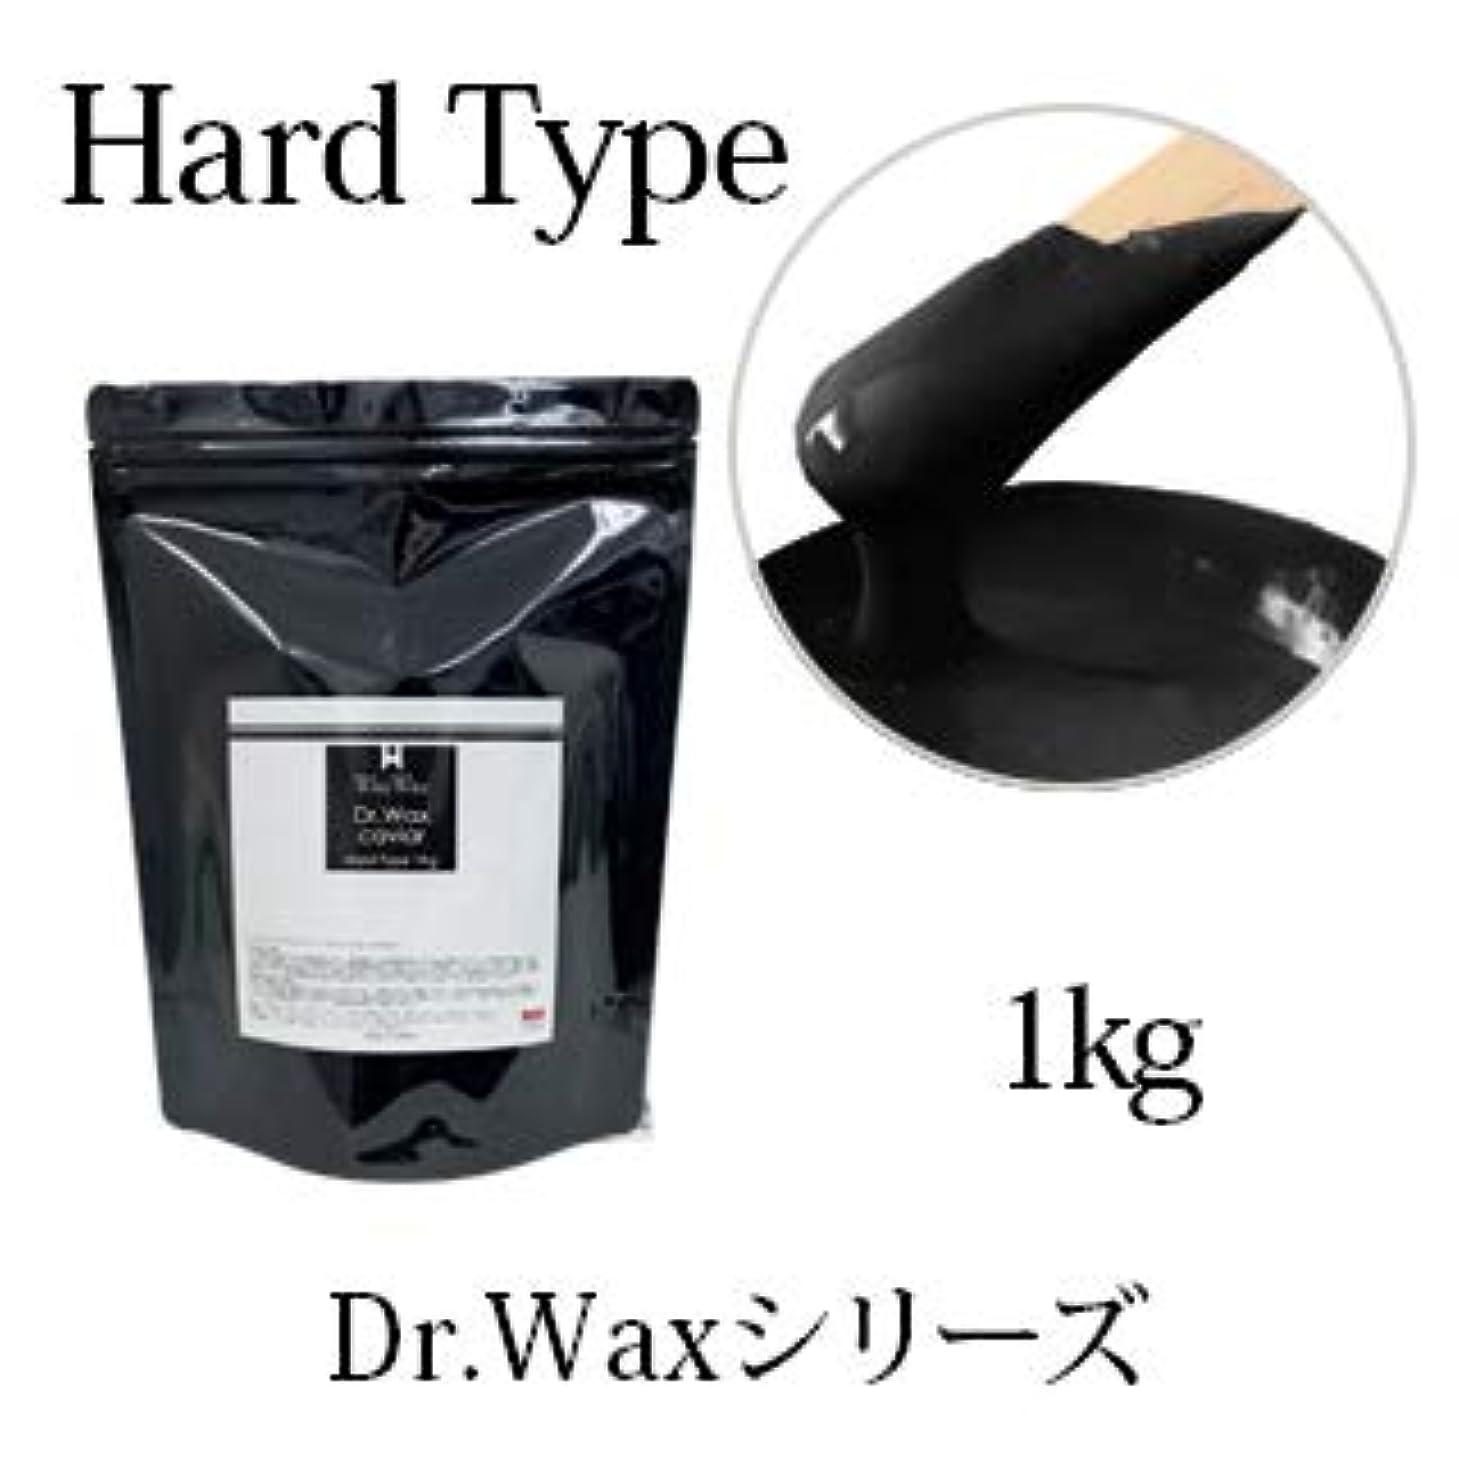 吸収エール技術者【Dr.waxシリーズ】ワックス脱毛 粒タイプ 紙を使用しない ハードワックス (キャビア 1kg)